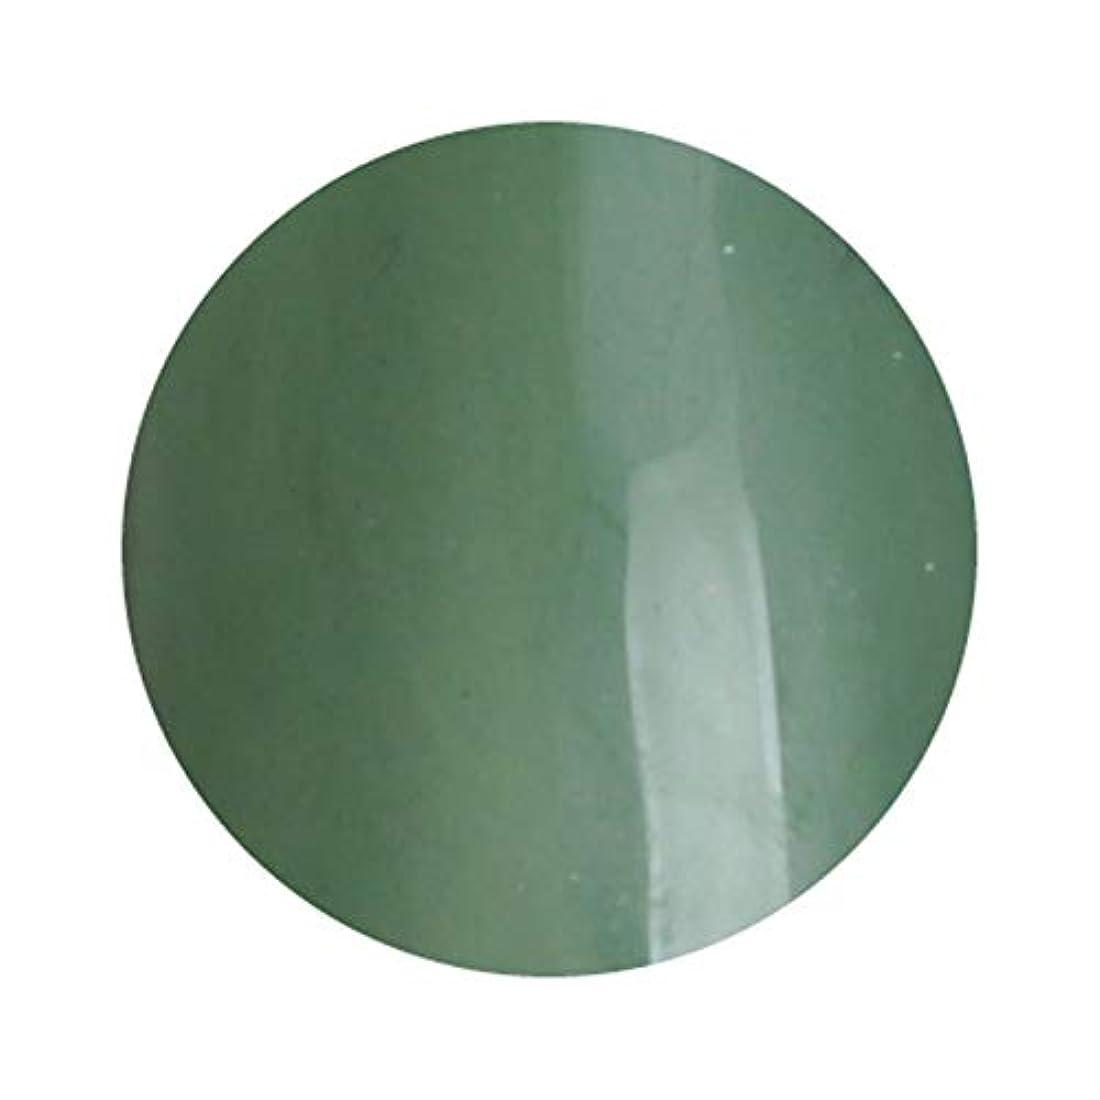 とにかくアロングお勧めT-GEL COLLECTION ティージェルコレクション カラージェル D234 クリアカーキ 4ml